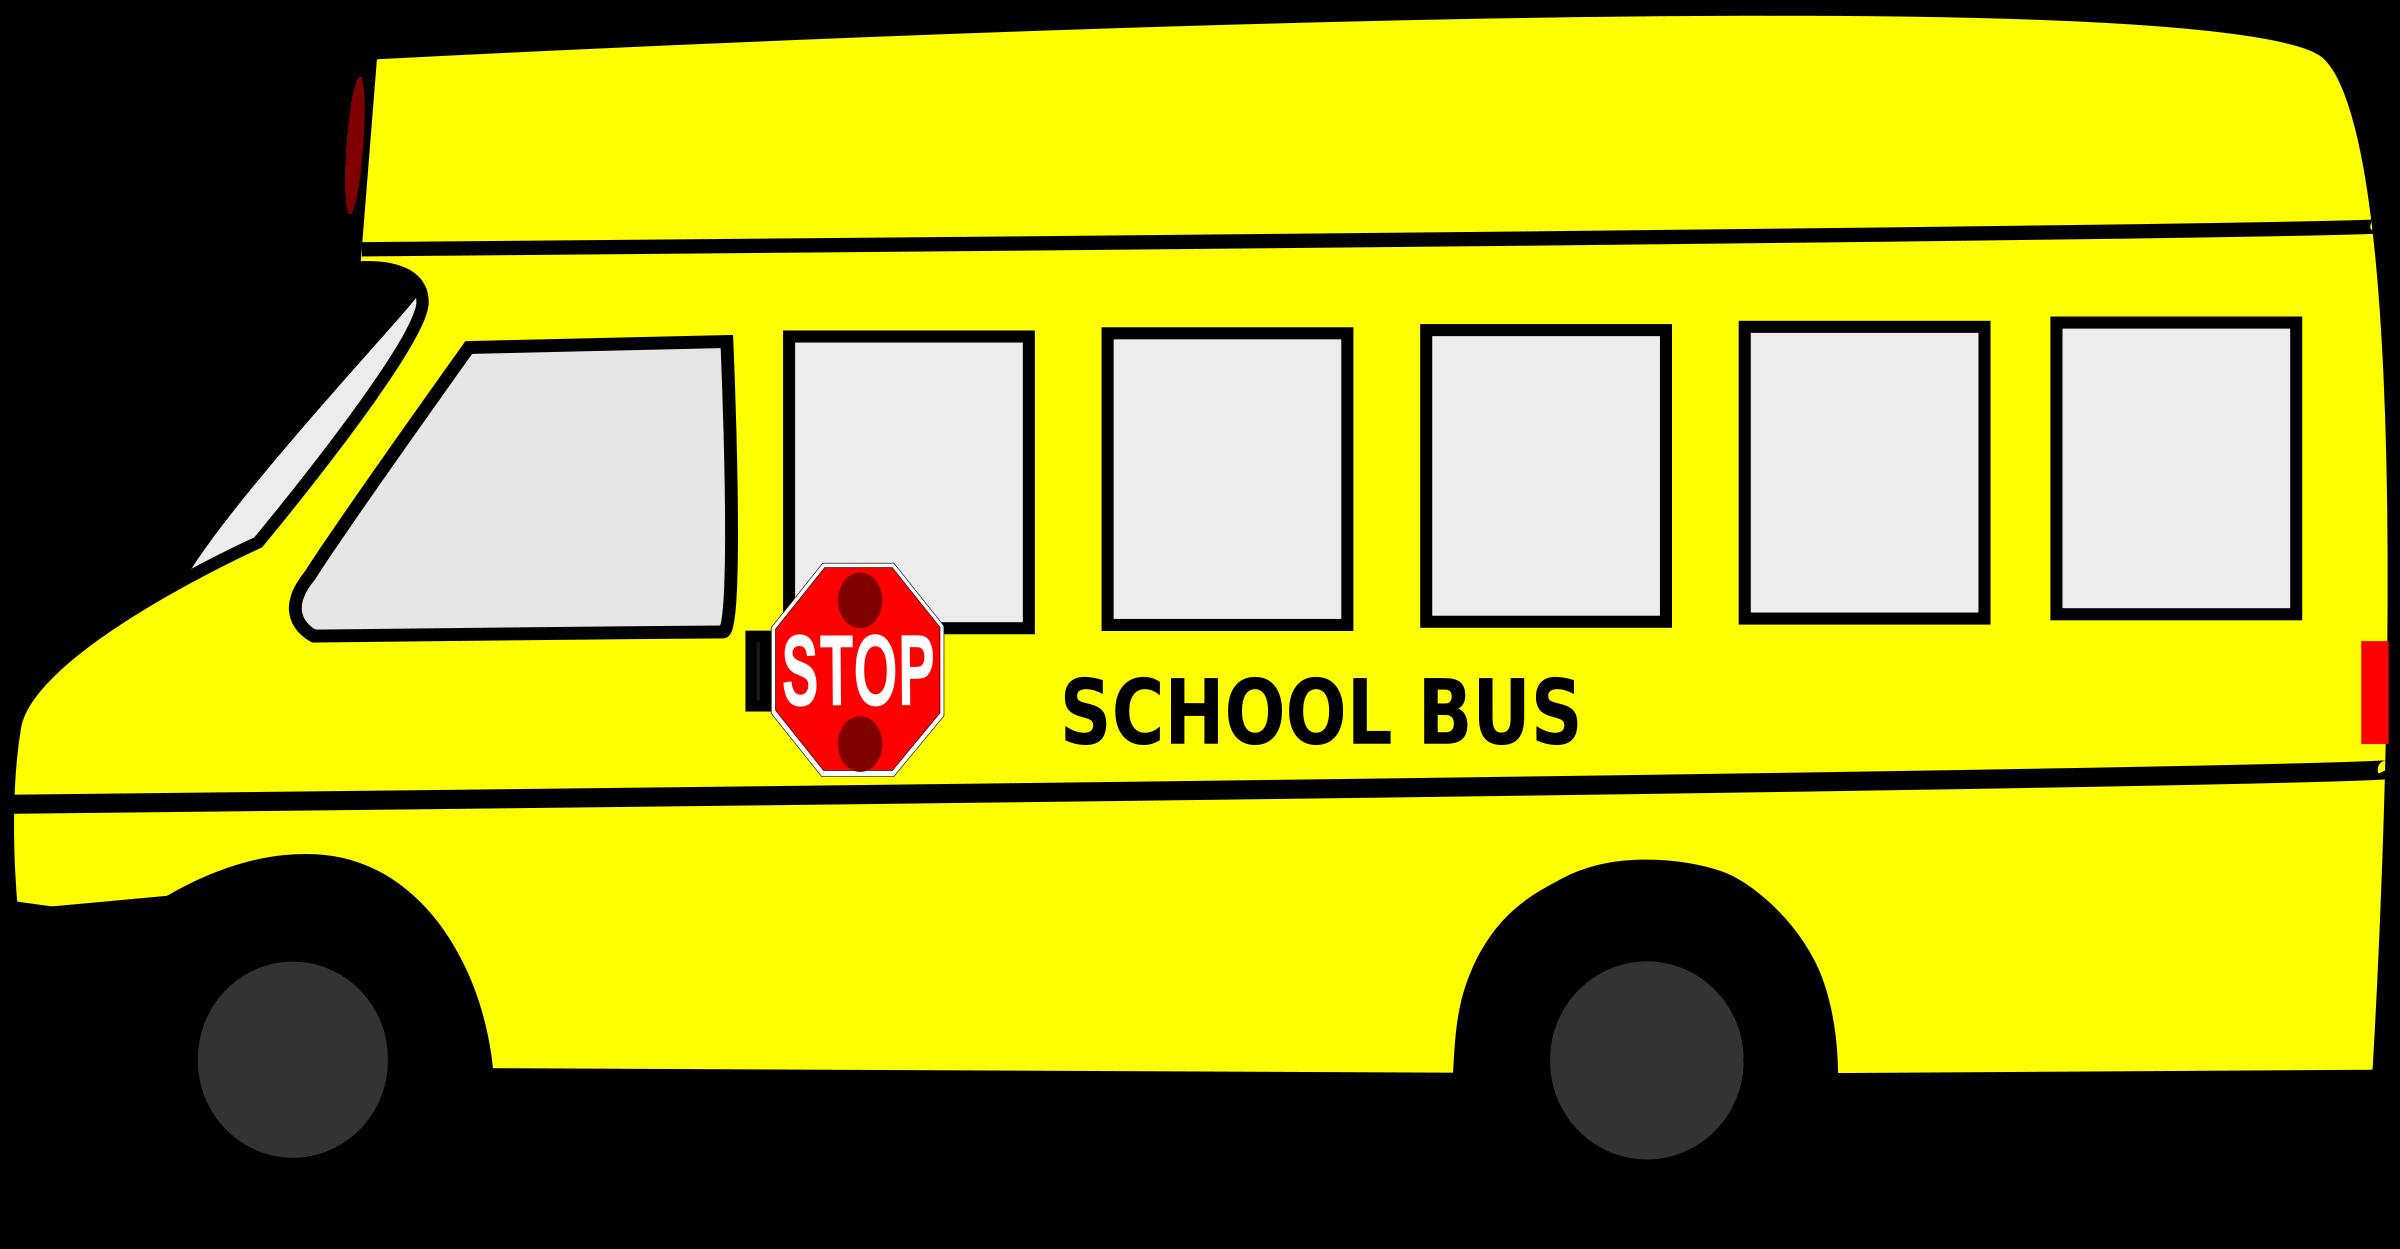 Bus Clipart Transparent.